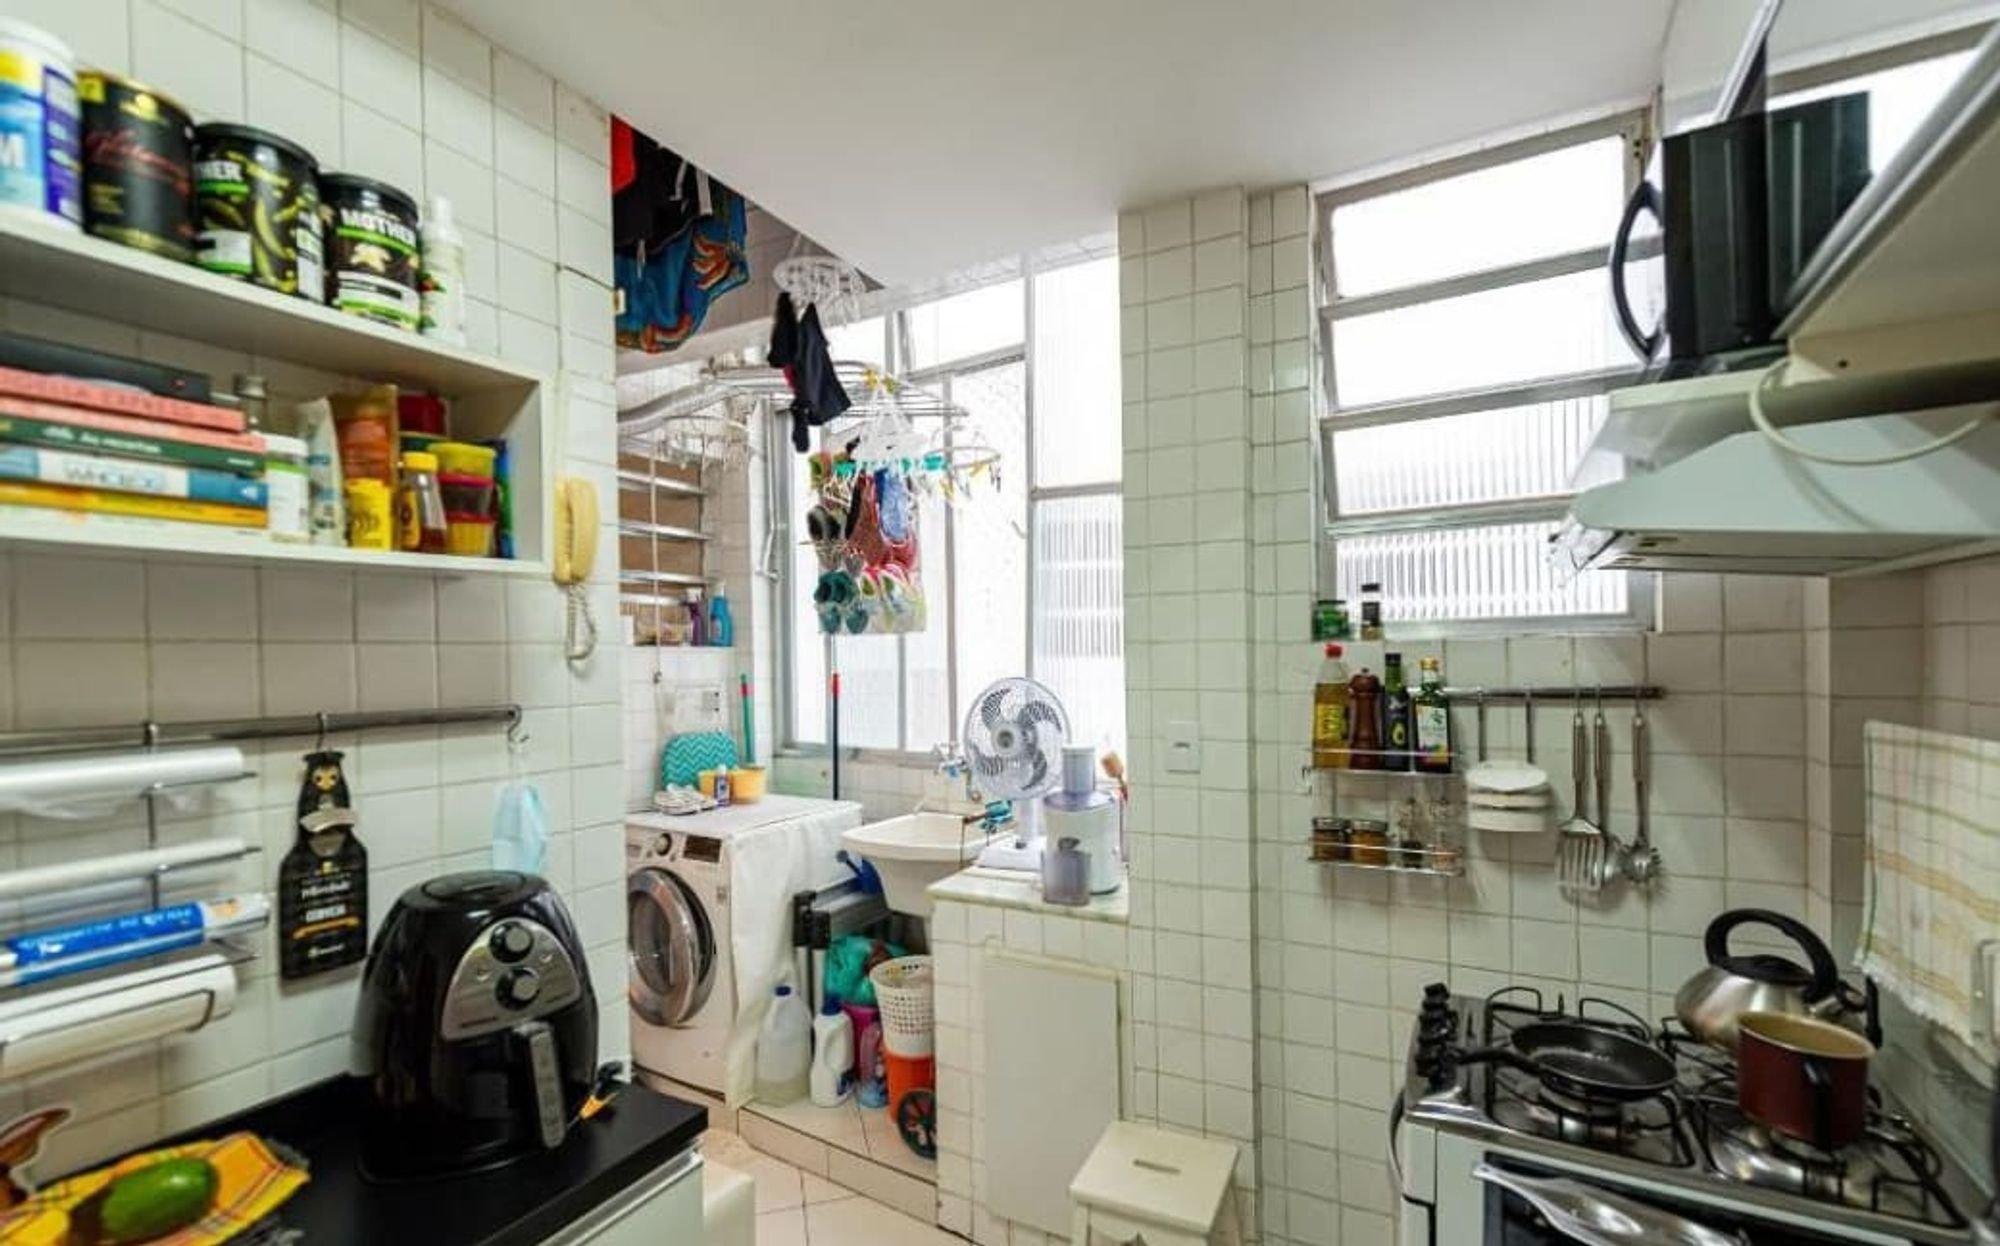 Foto de Cozinha com televisão, garrafa, forno, pia